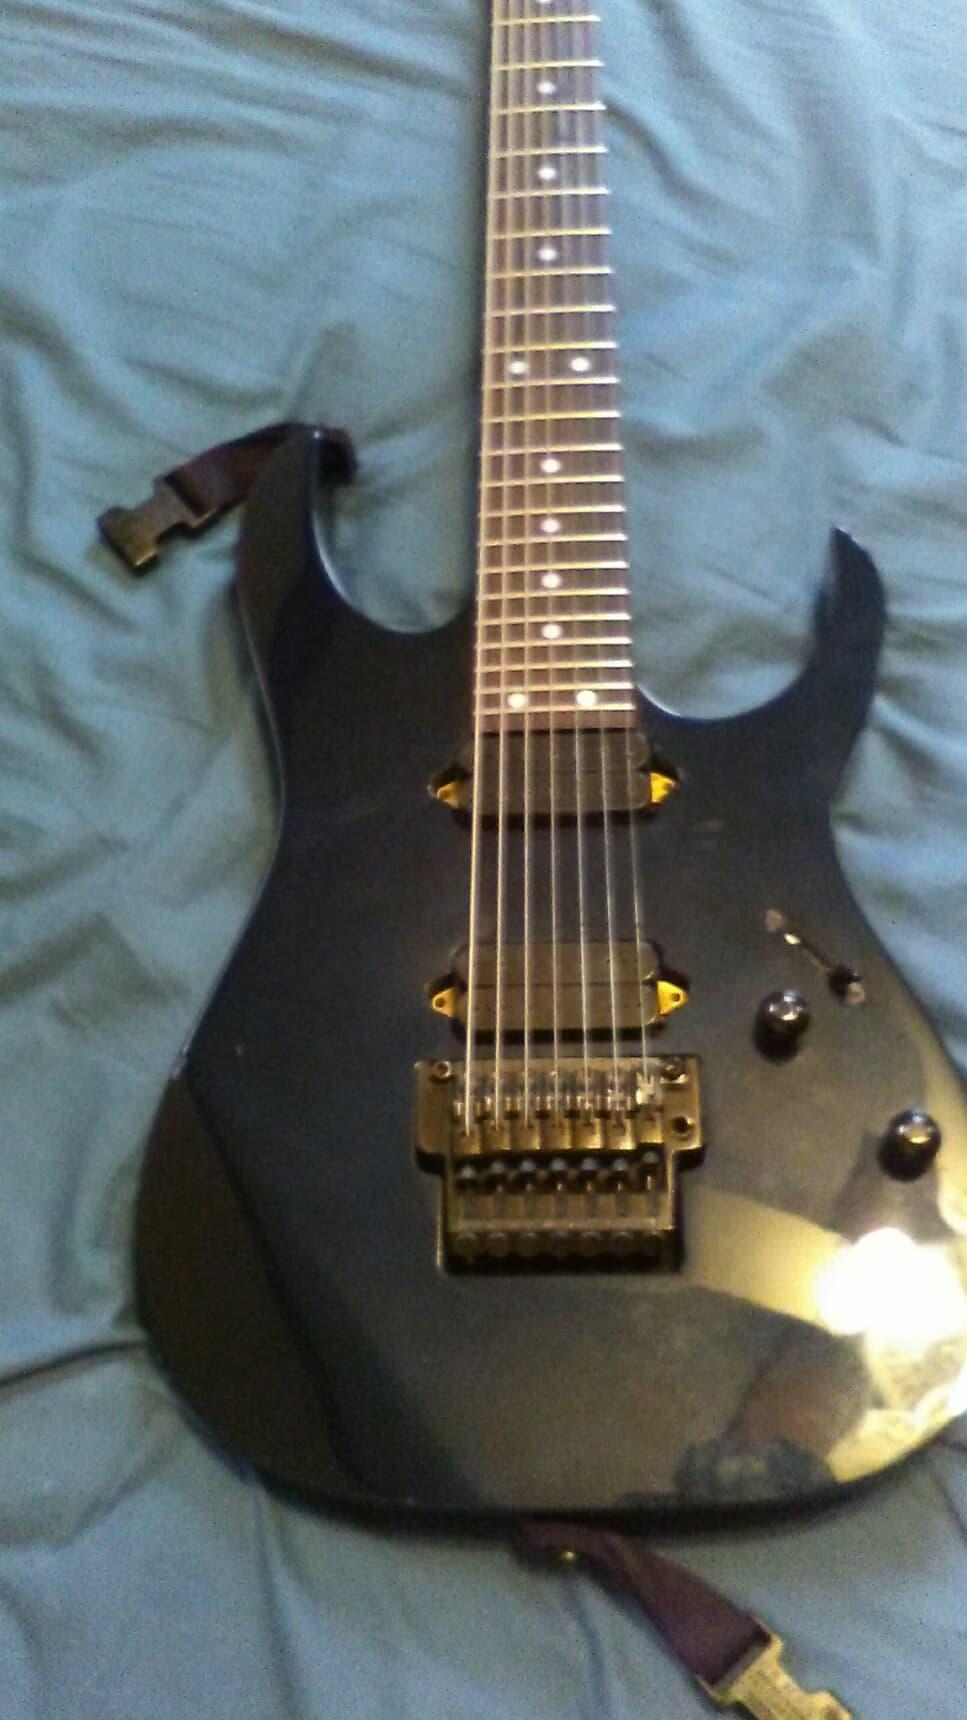 ibanez rg7620 7 string electric guitar made in japan 1998 reverb. Black Bedroom Furniture Sets. Home Design Ideas